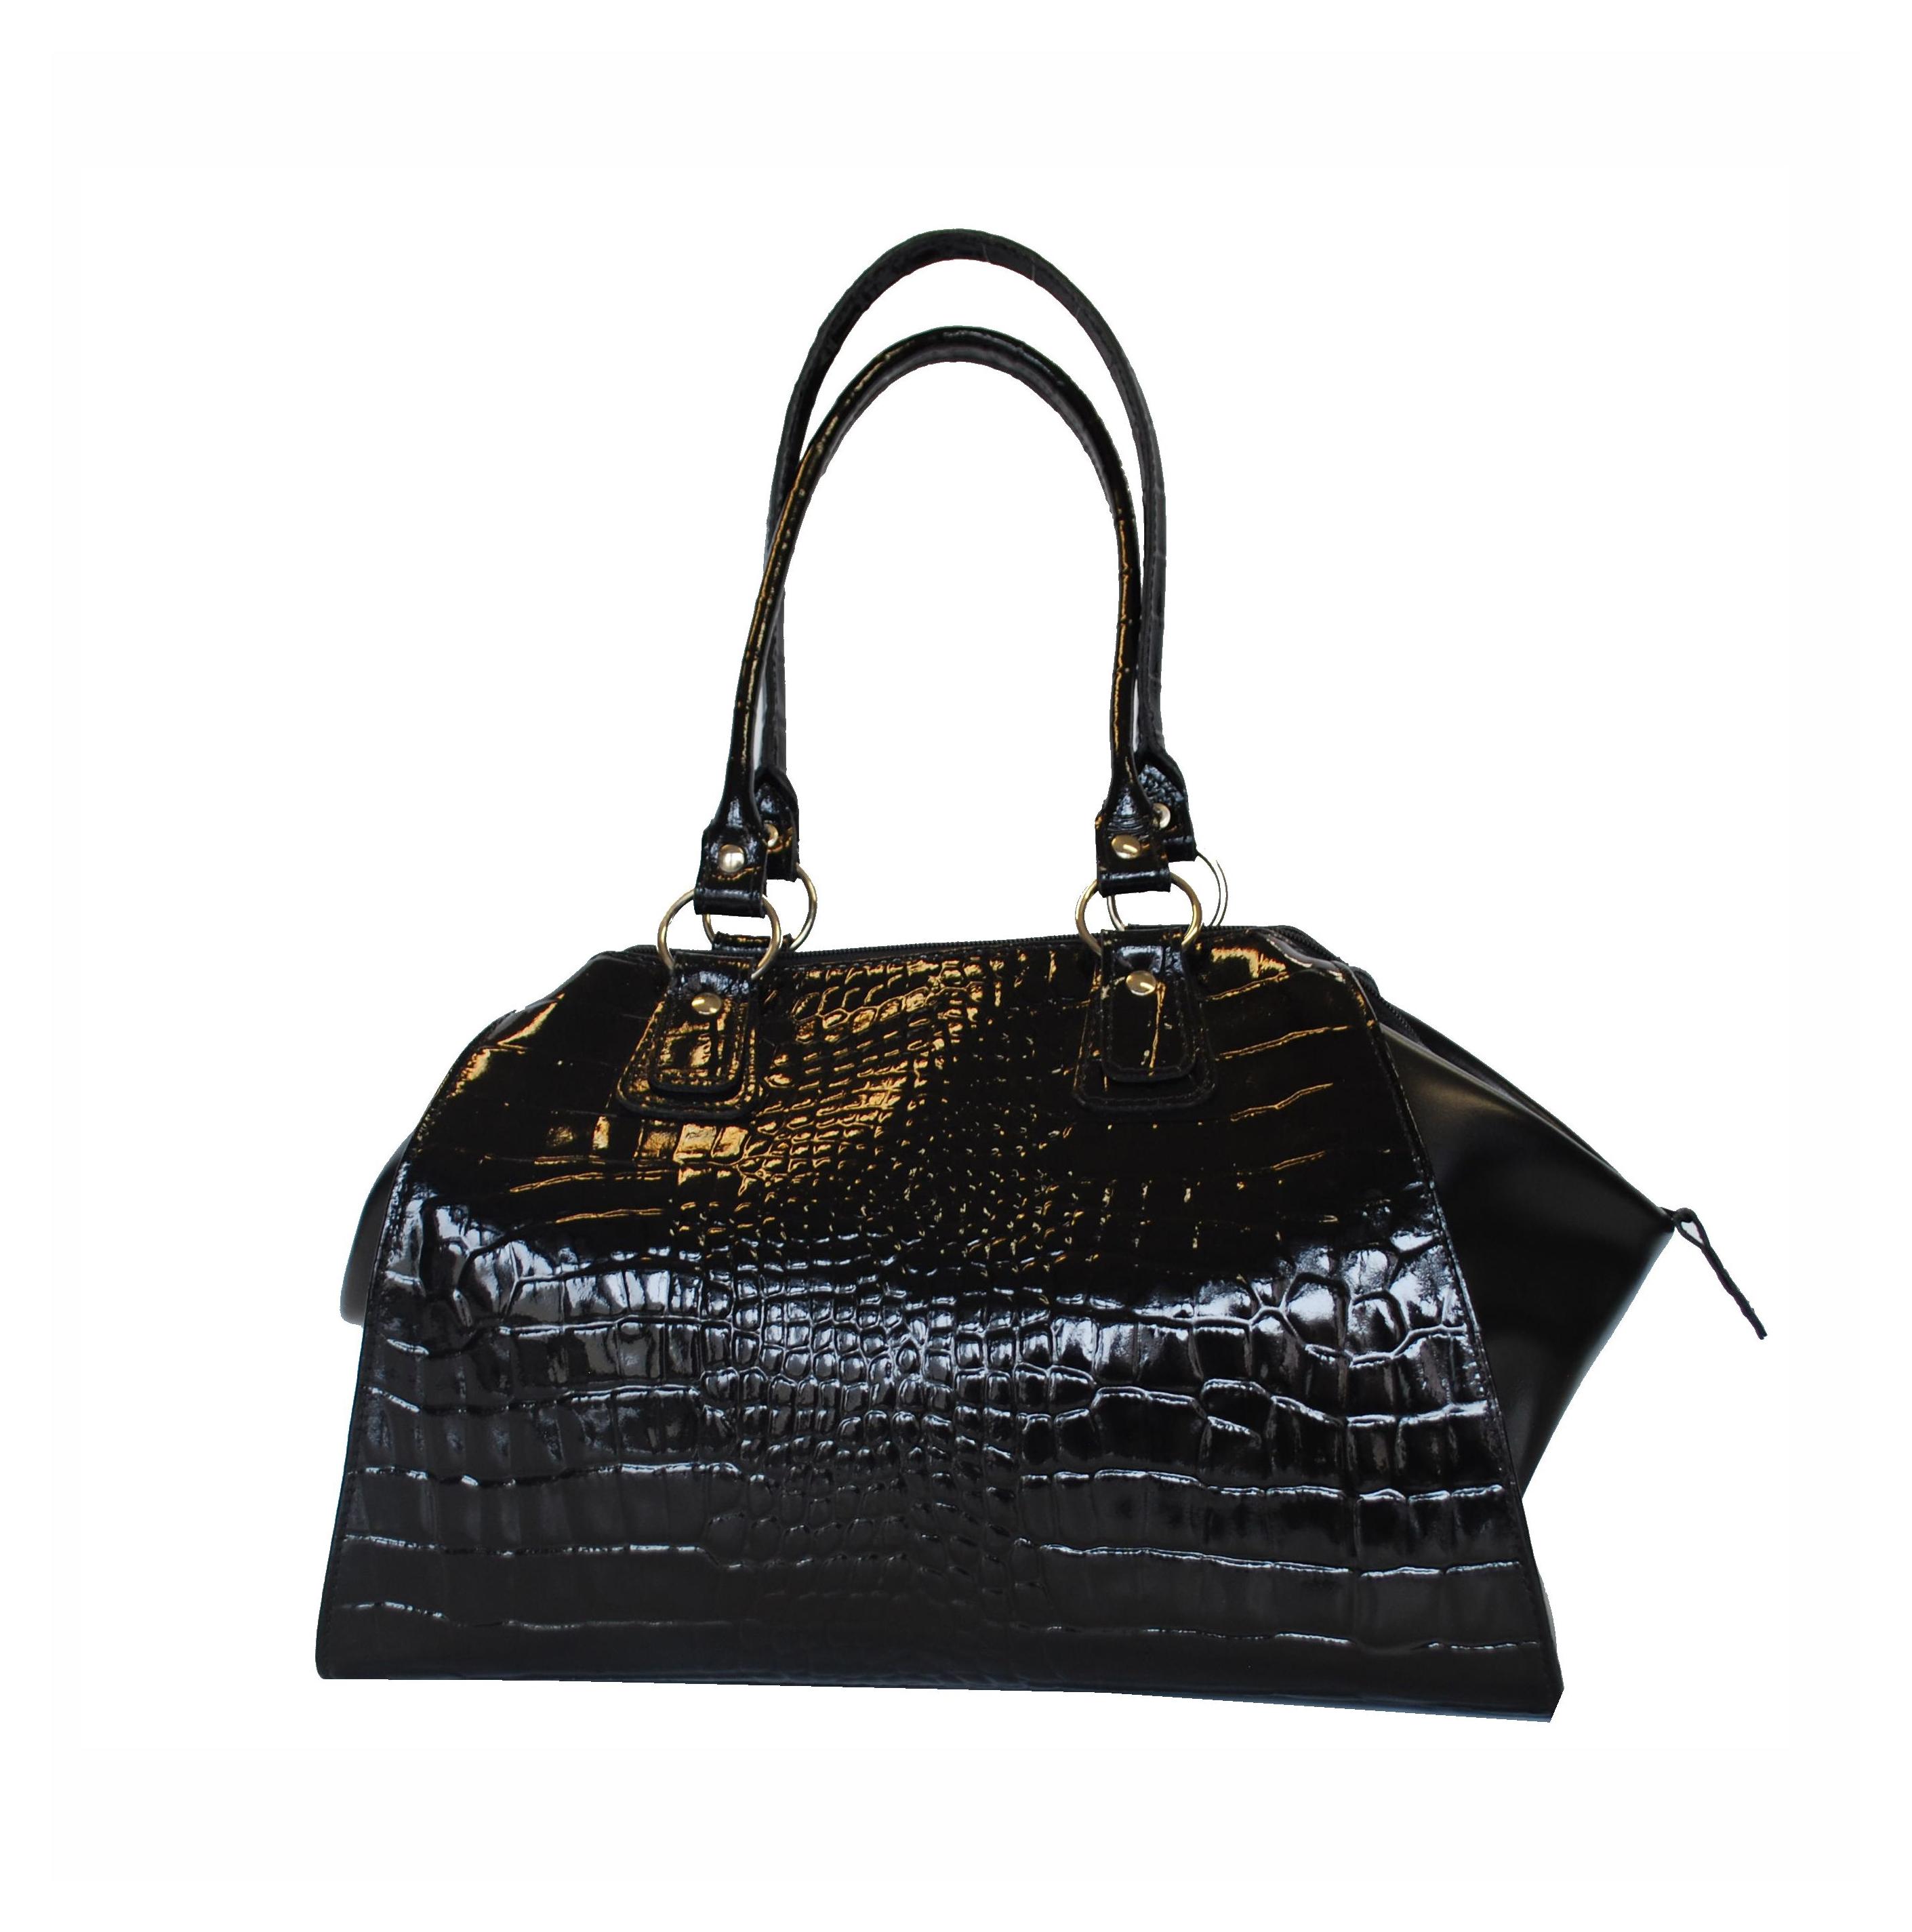 Luxusná kožená lakovaná kabelka č.8616 v čiernej farbe  bd333029b34